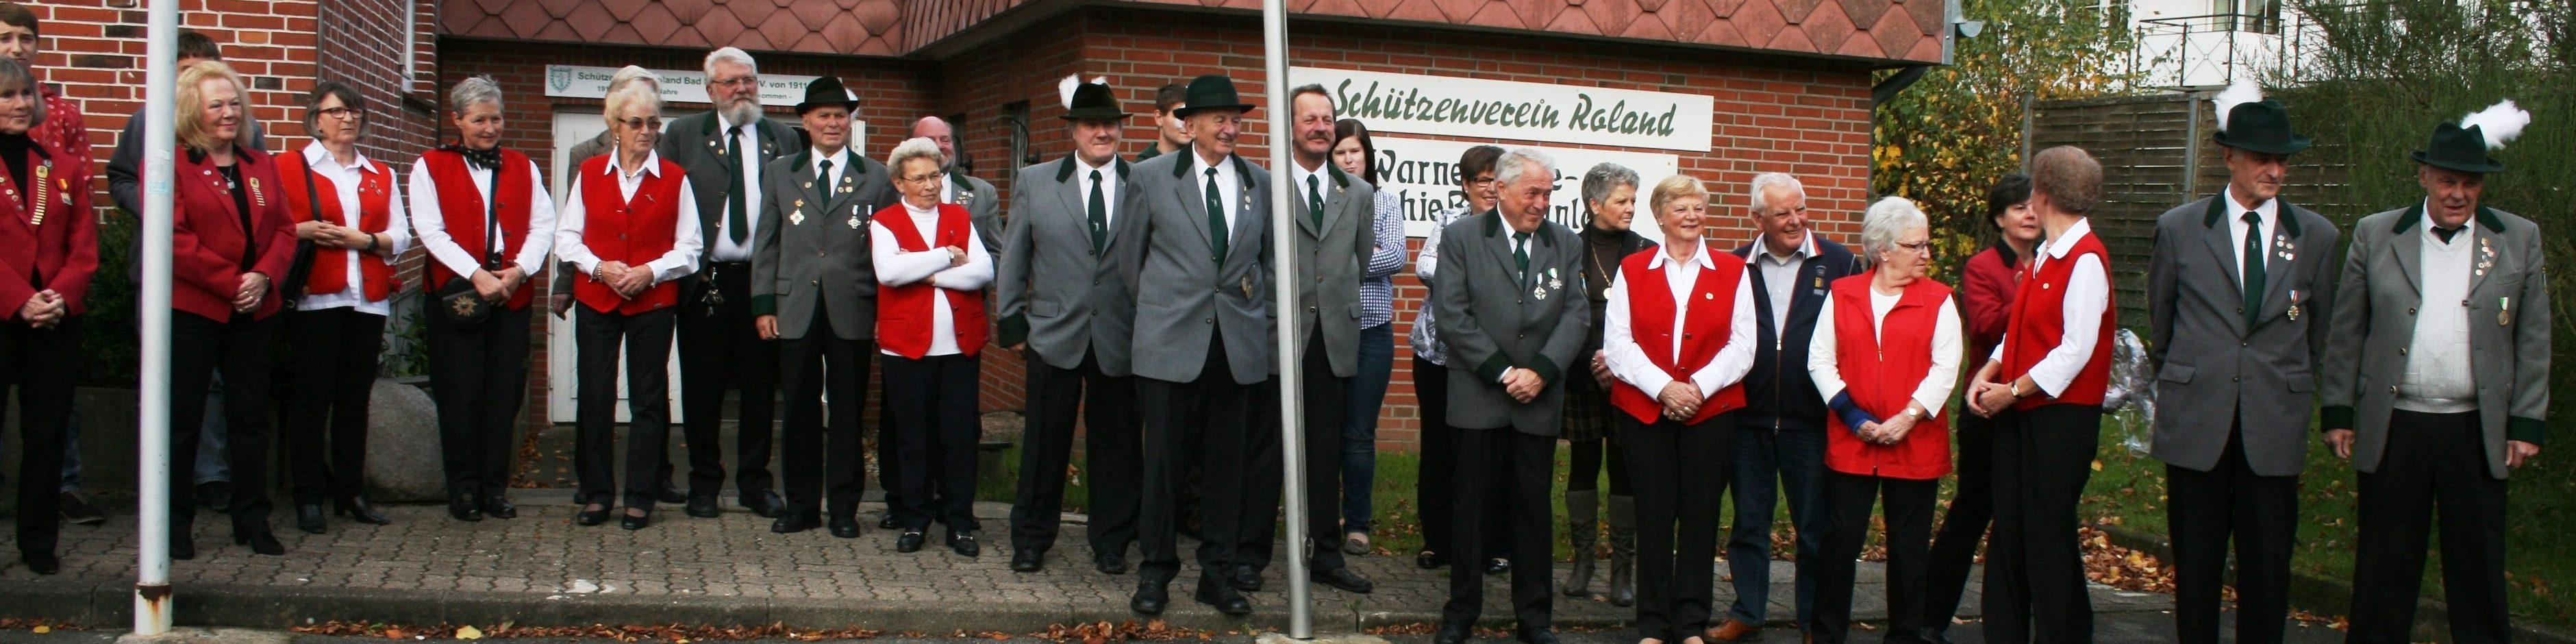 Schützenverein Roland Bad Bramstedt